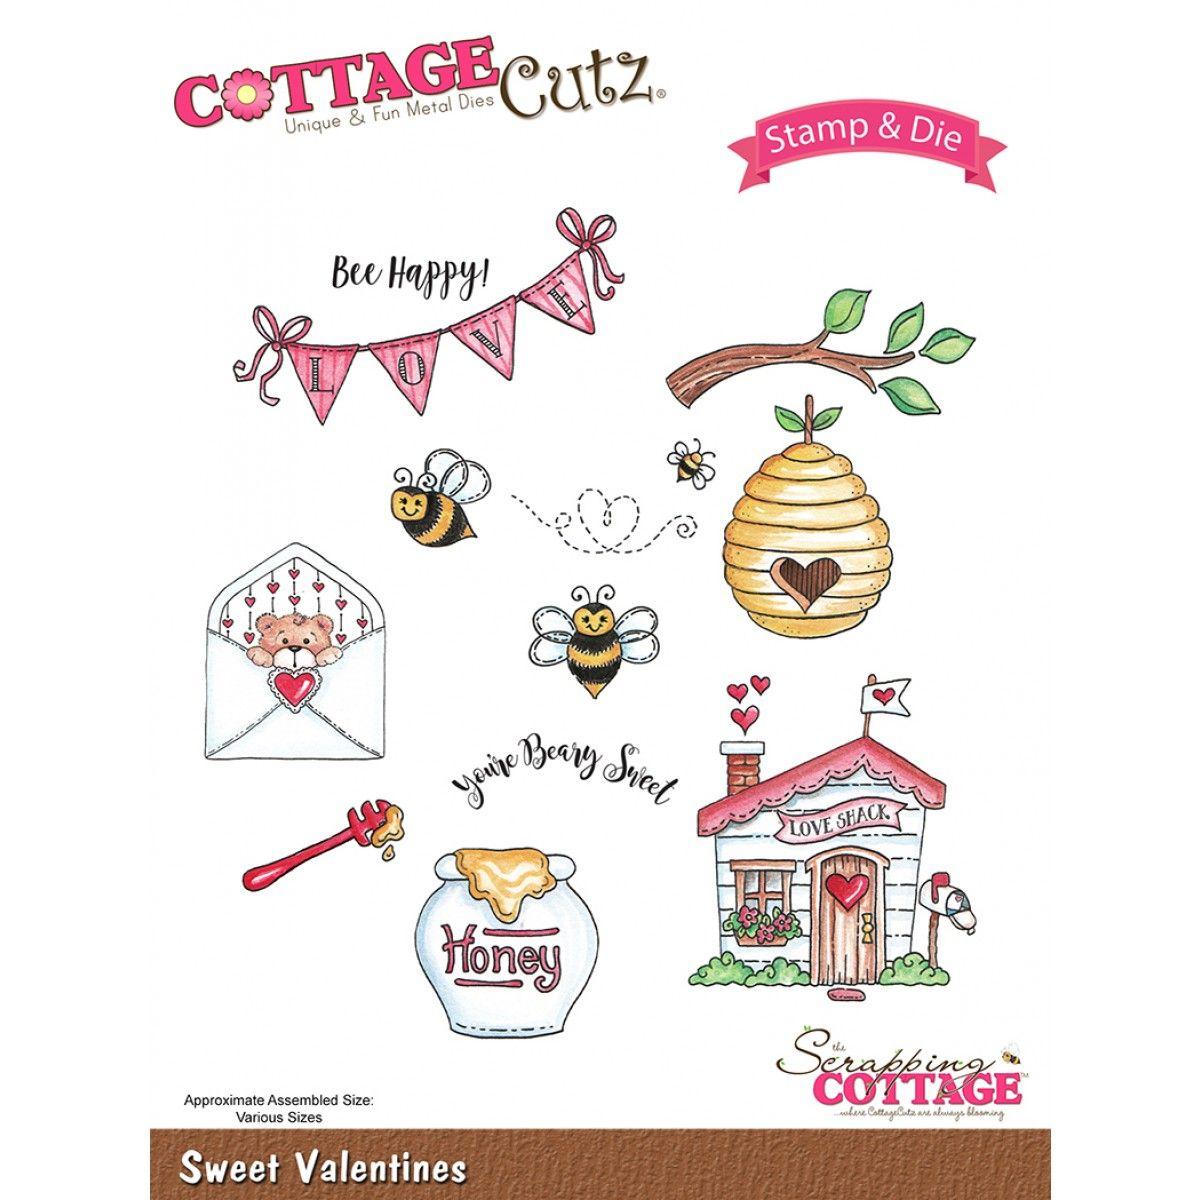 Cottagecutz